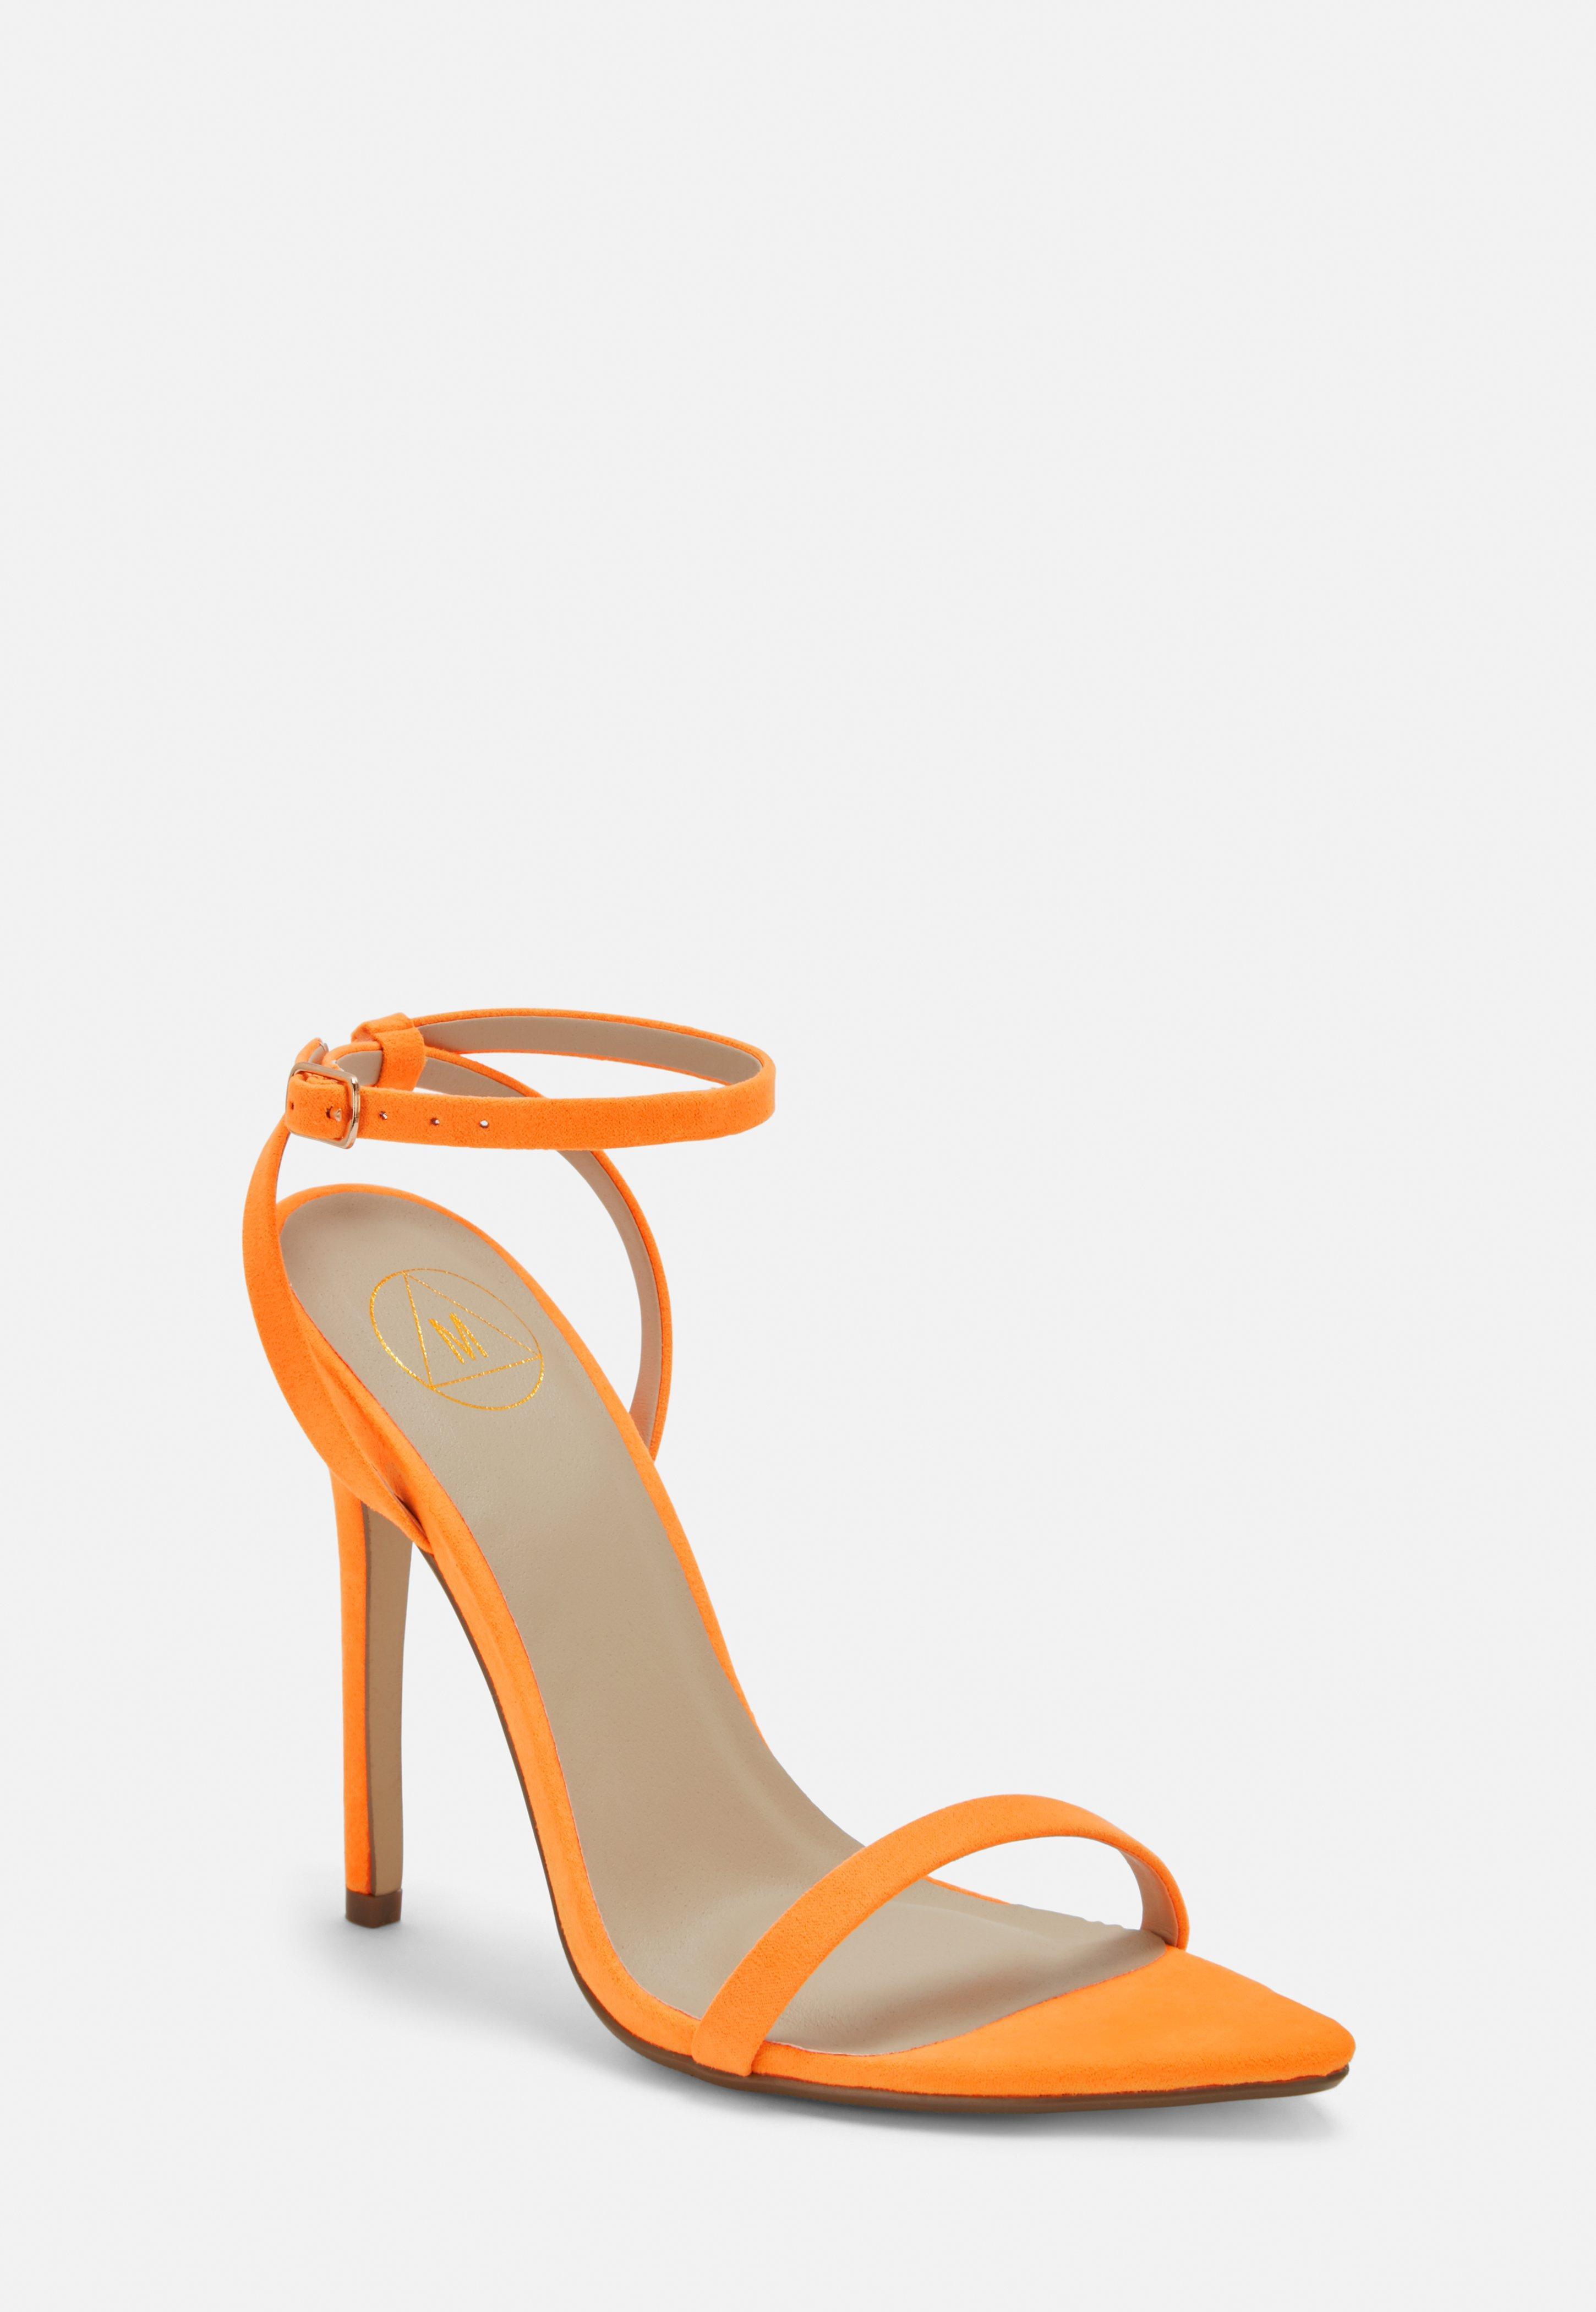 83fb8a3b656821 High Heels - Hohe Schuhe und Stilettos online kaufen - Missguided DE